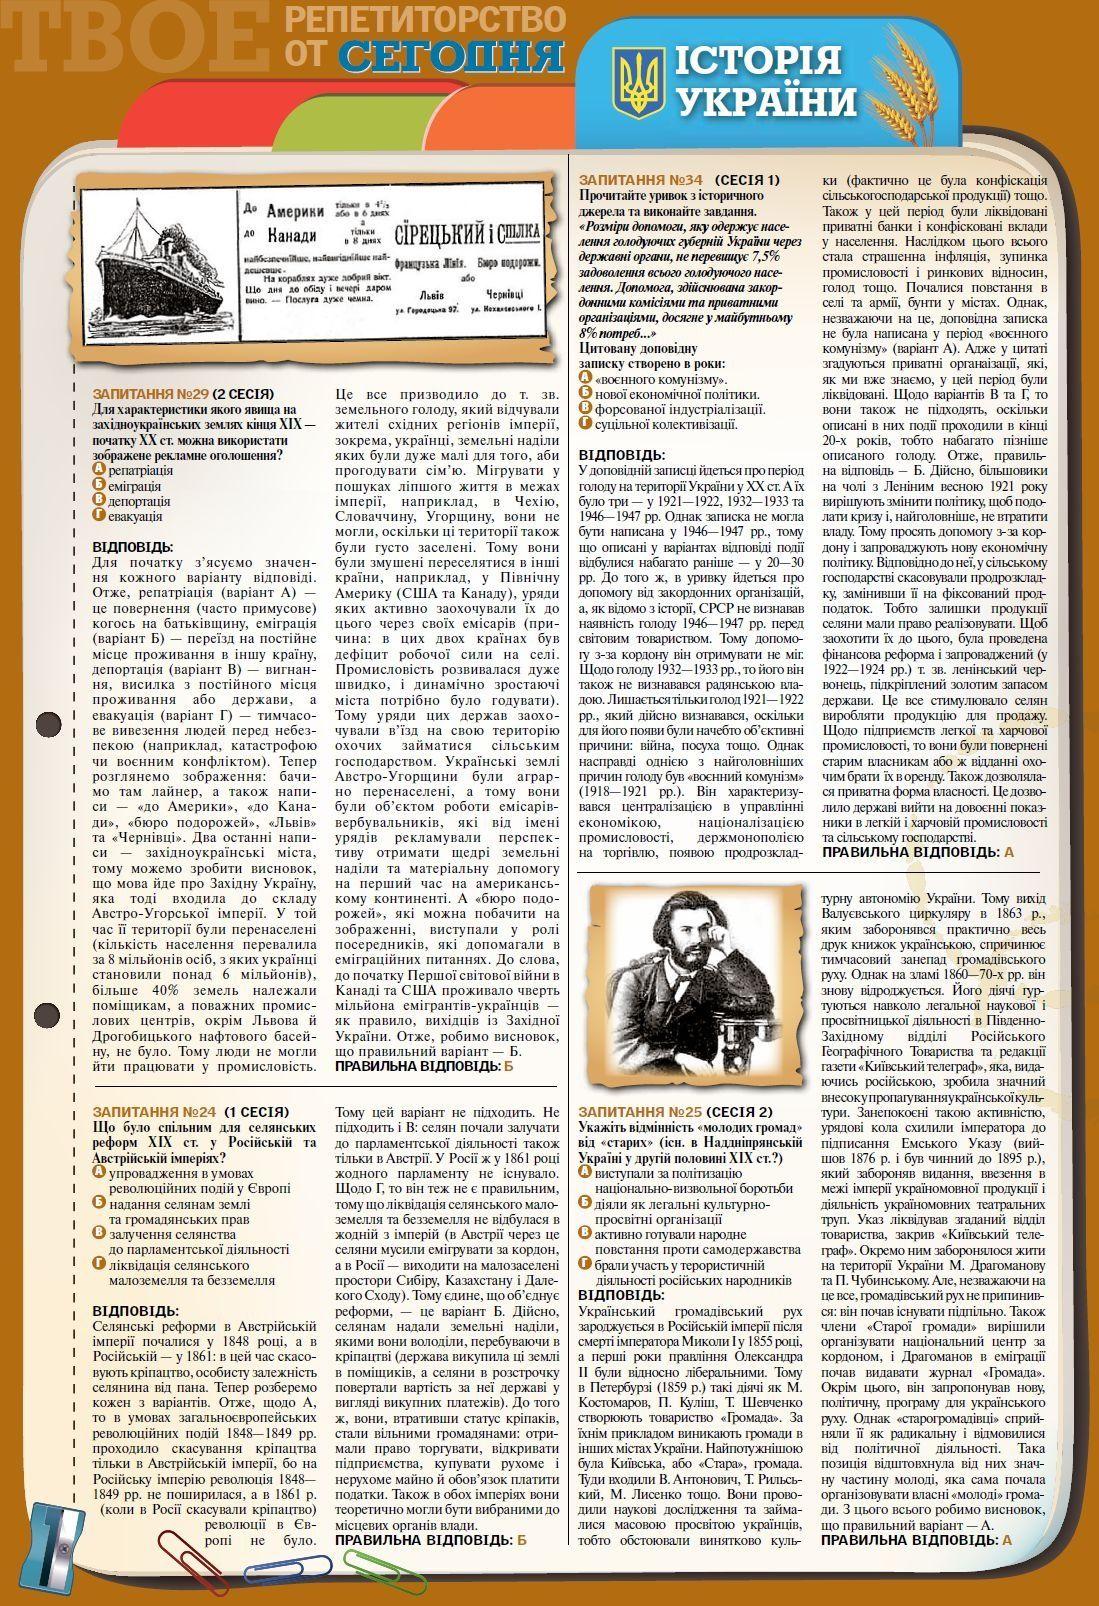 Сборник задач по химии 8 класс 2018 хвалюк и резяпкин